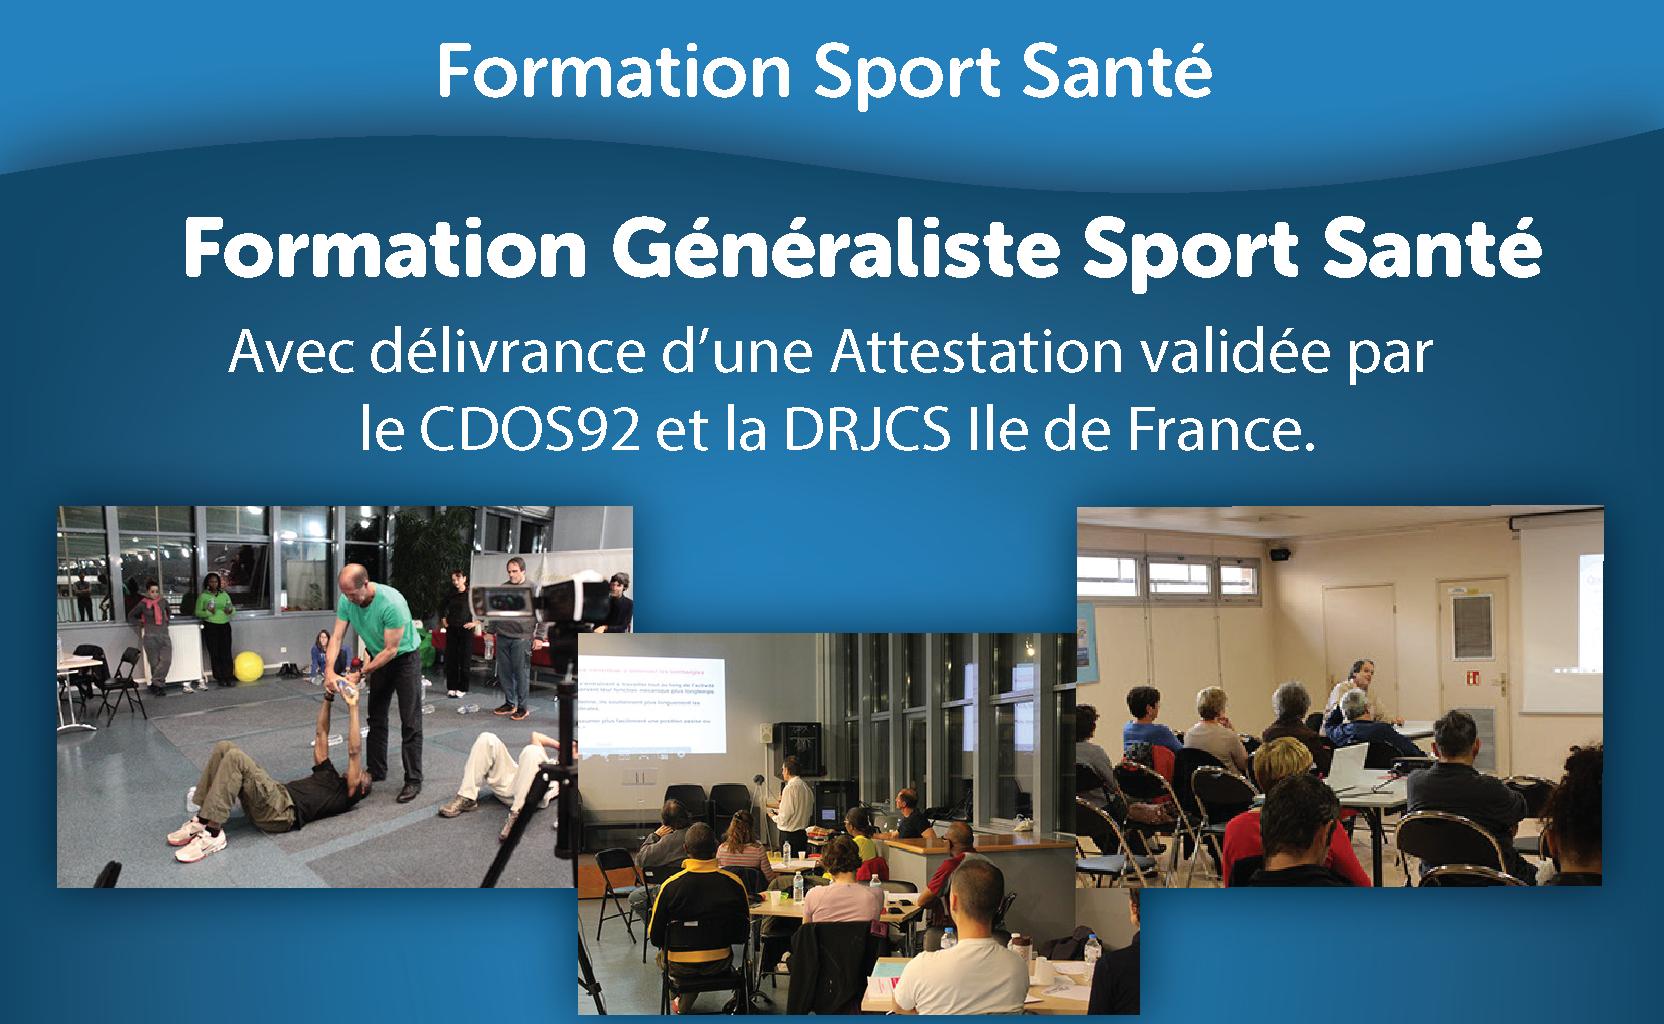 Formation Généraliste Sport Santé - Session juin 2019